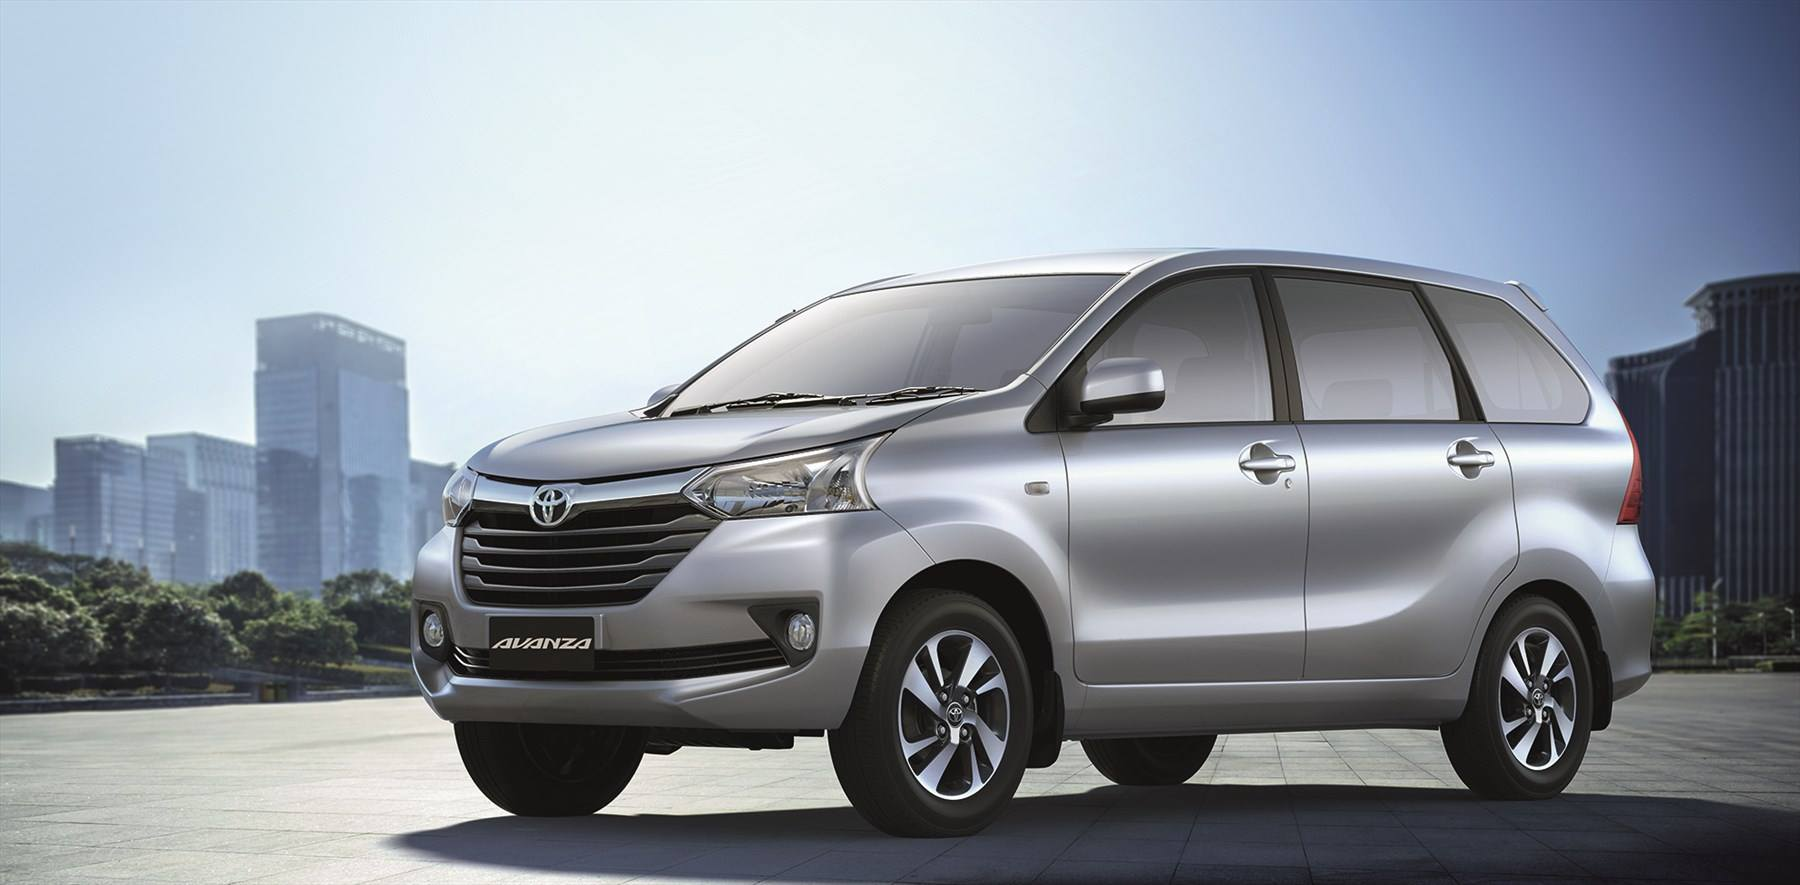 50 Mobil Terlaris Di Asia Tenggara Nomor 1 Bukan Toyota Avanza